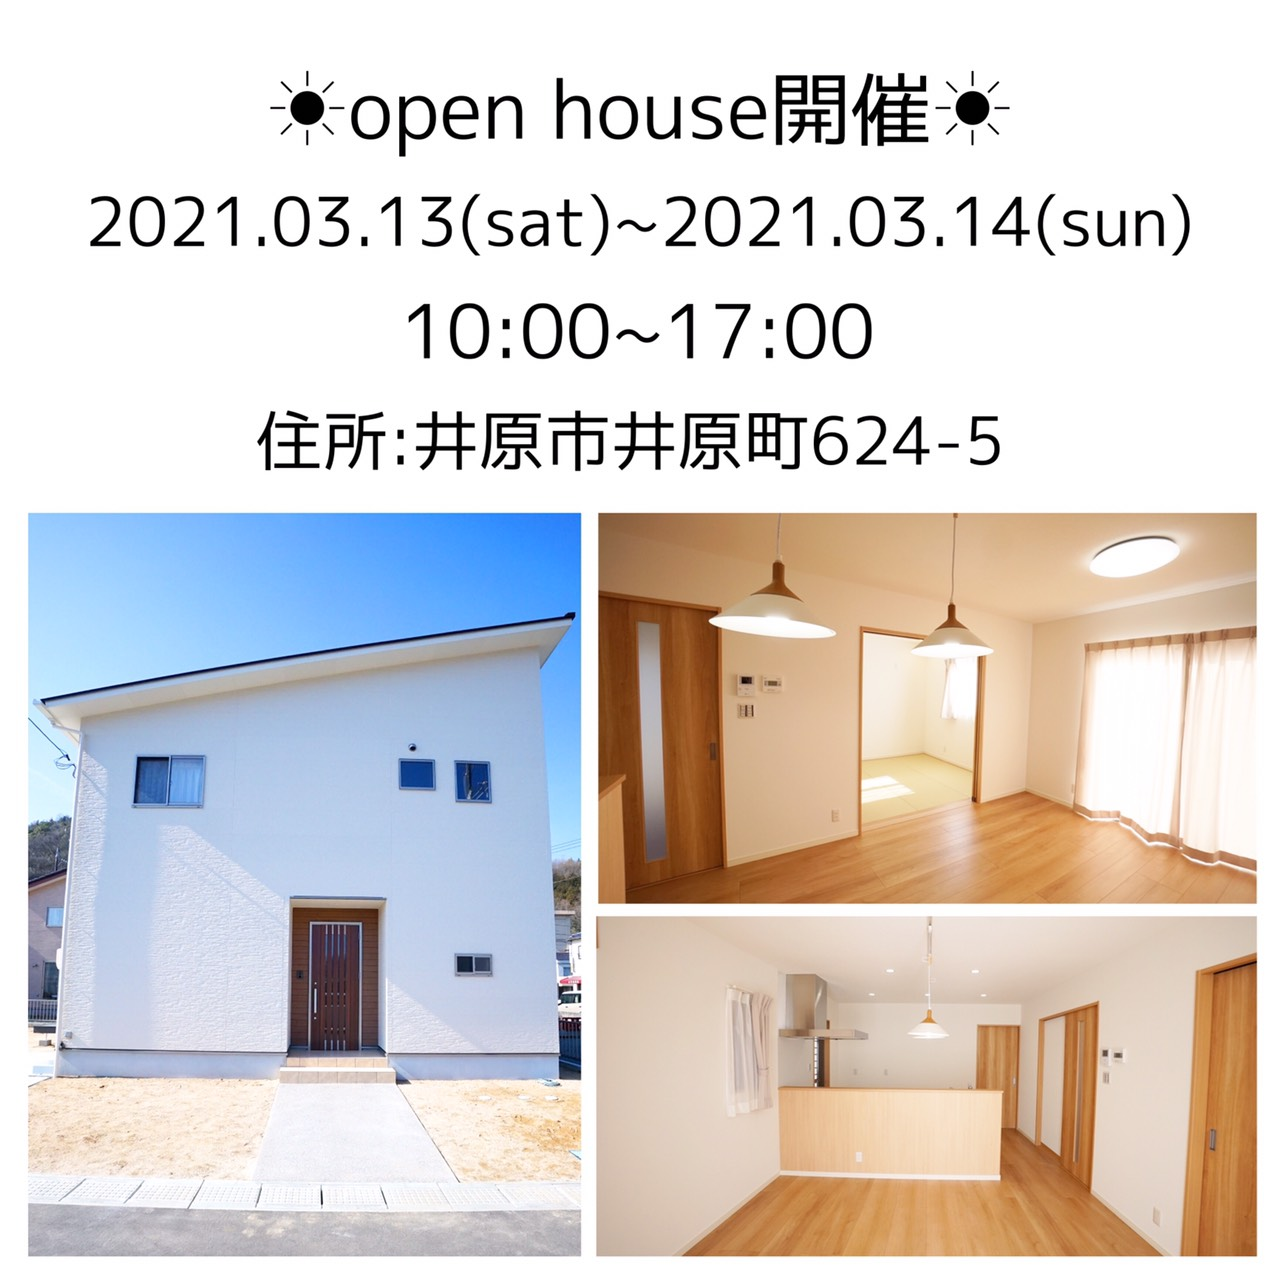 シンプルハウス井原オープンハウス開催します!